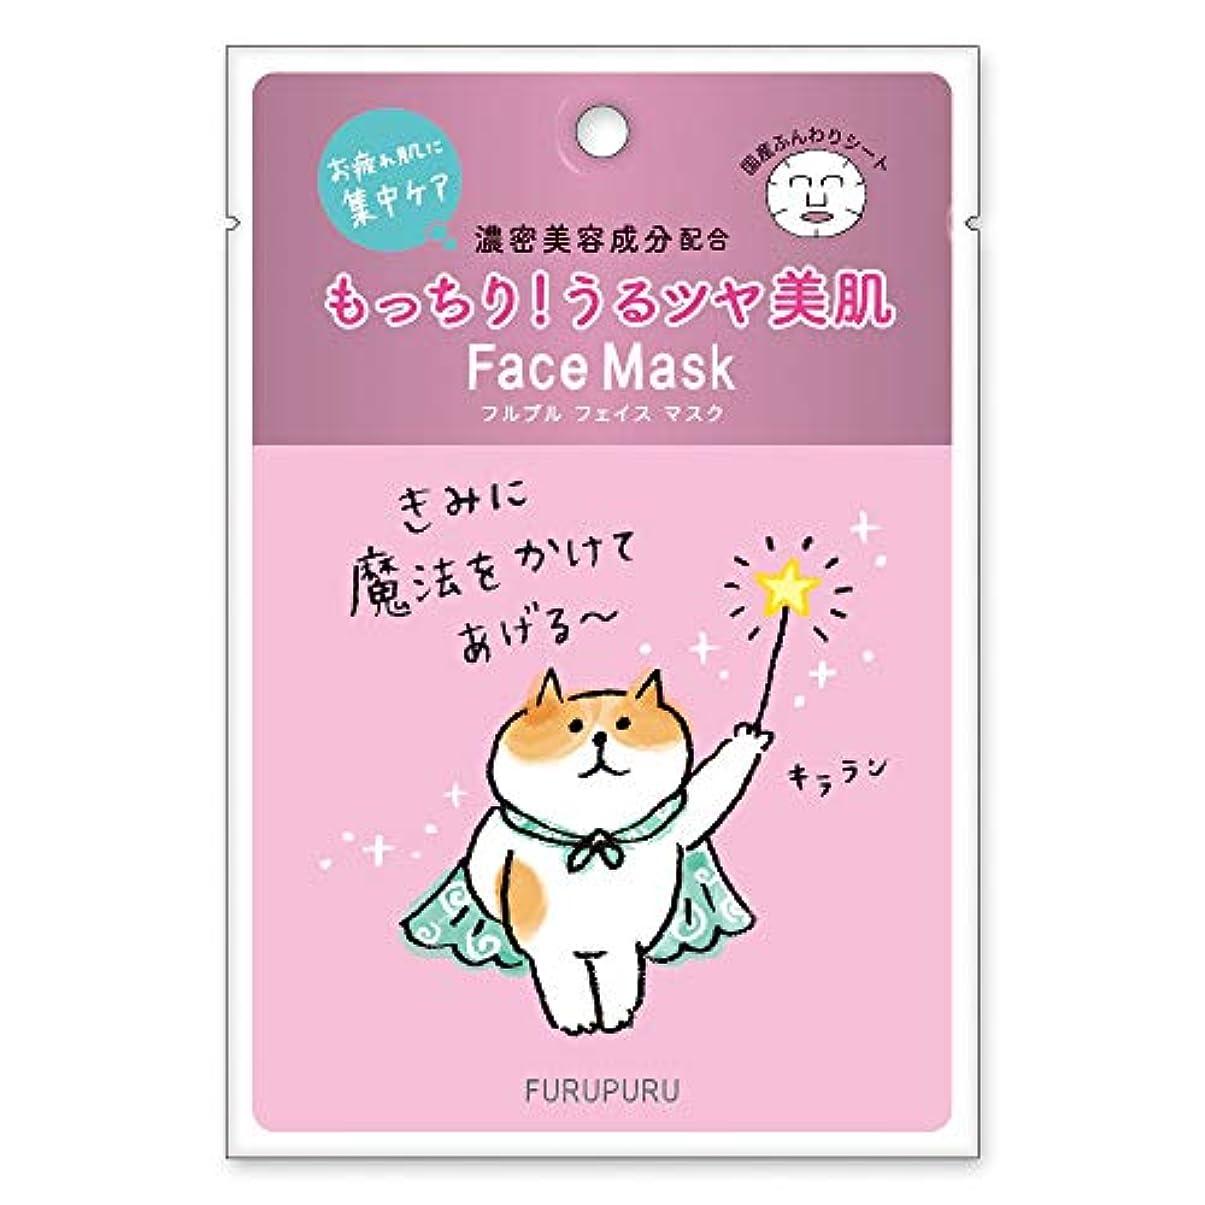 けがをする寄生虫知覚するフルプルフェイスマスク ごろごろにゃんすけ 魔法 やさしく香る天然ローズの香り 30g